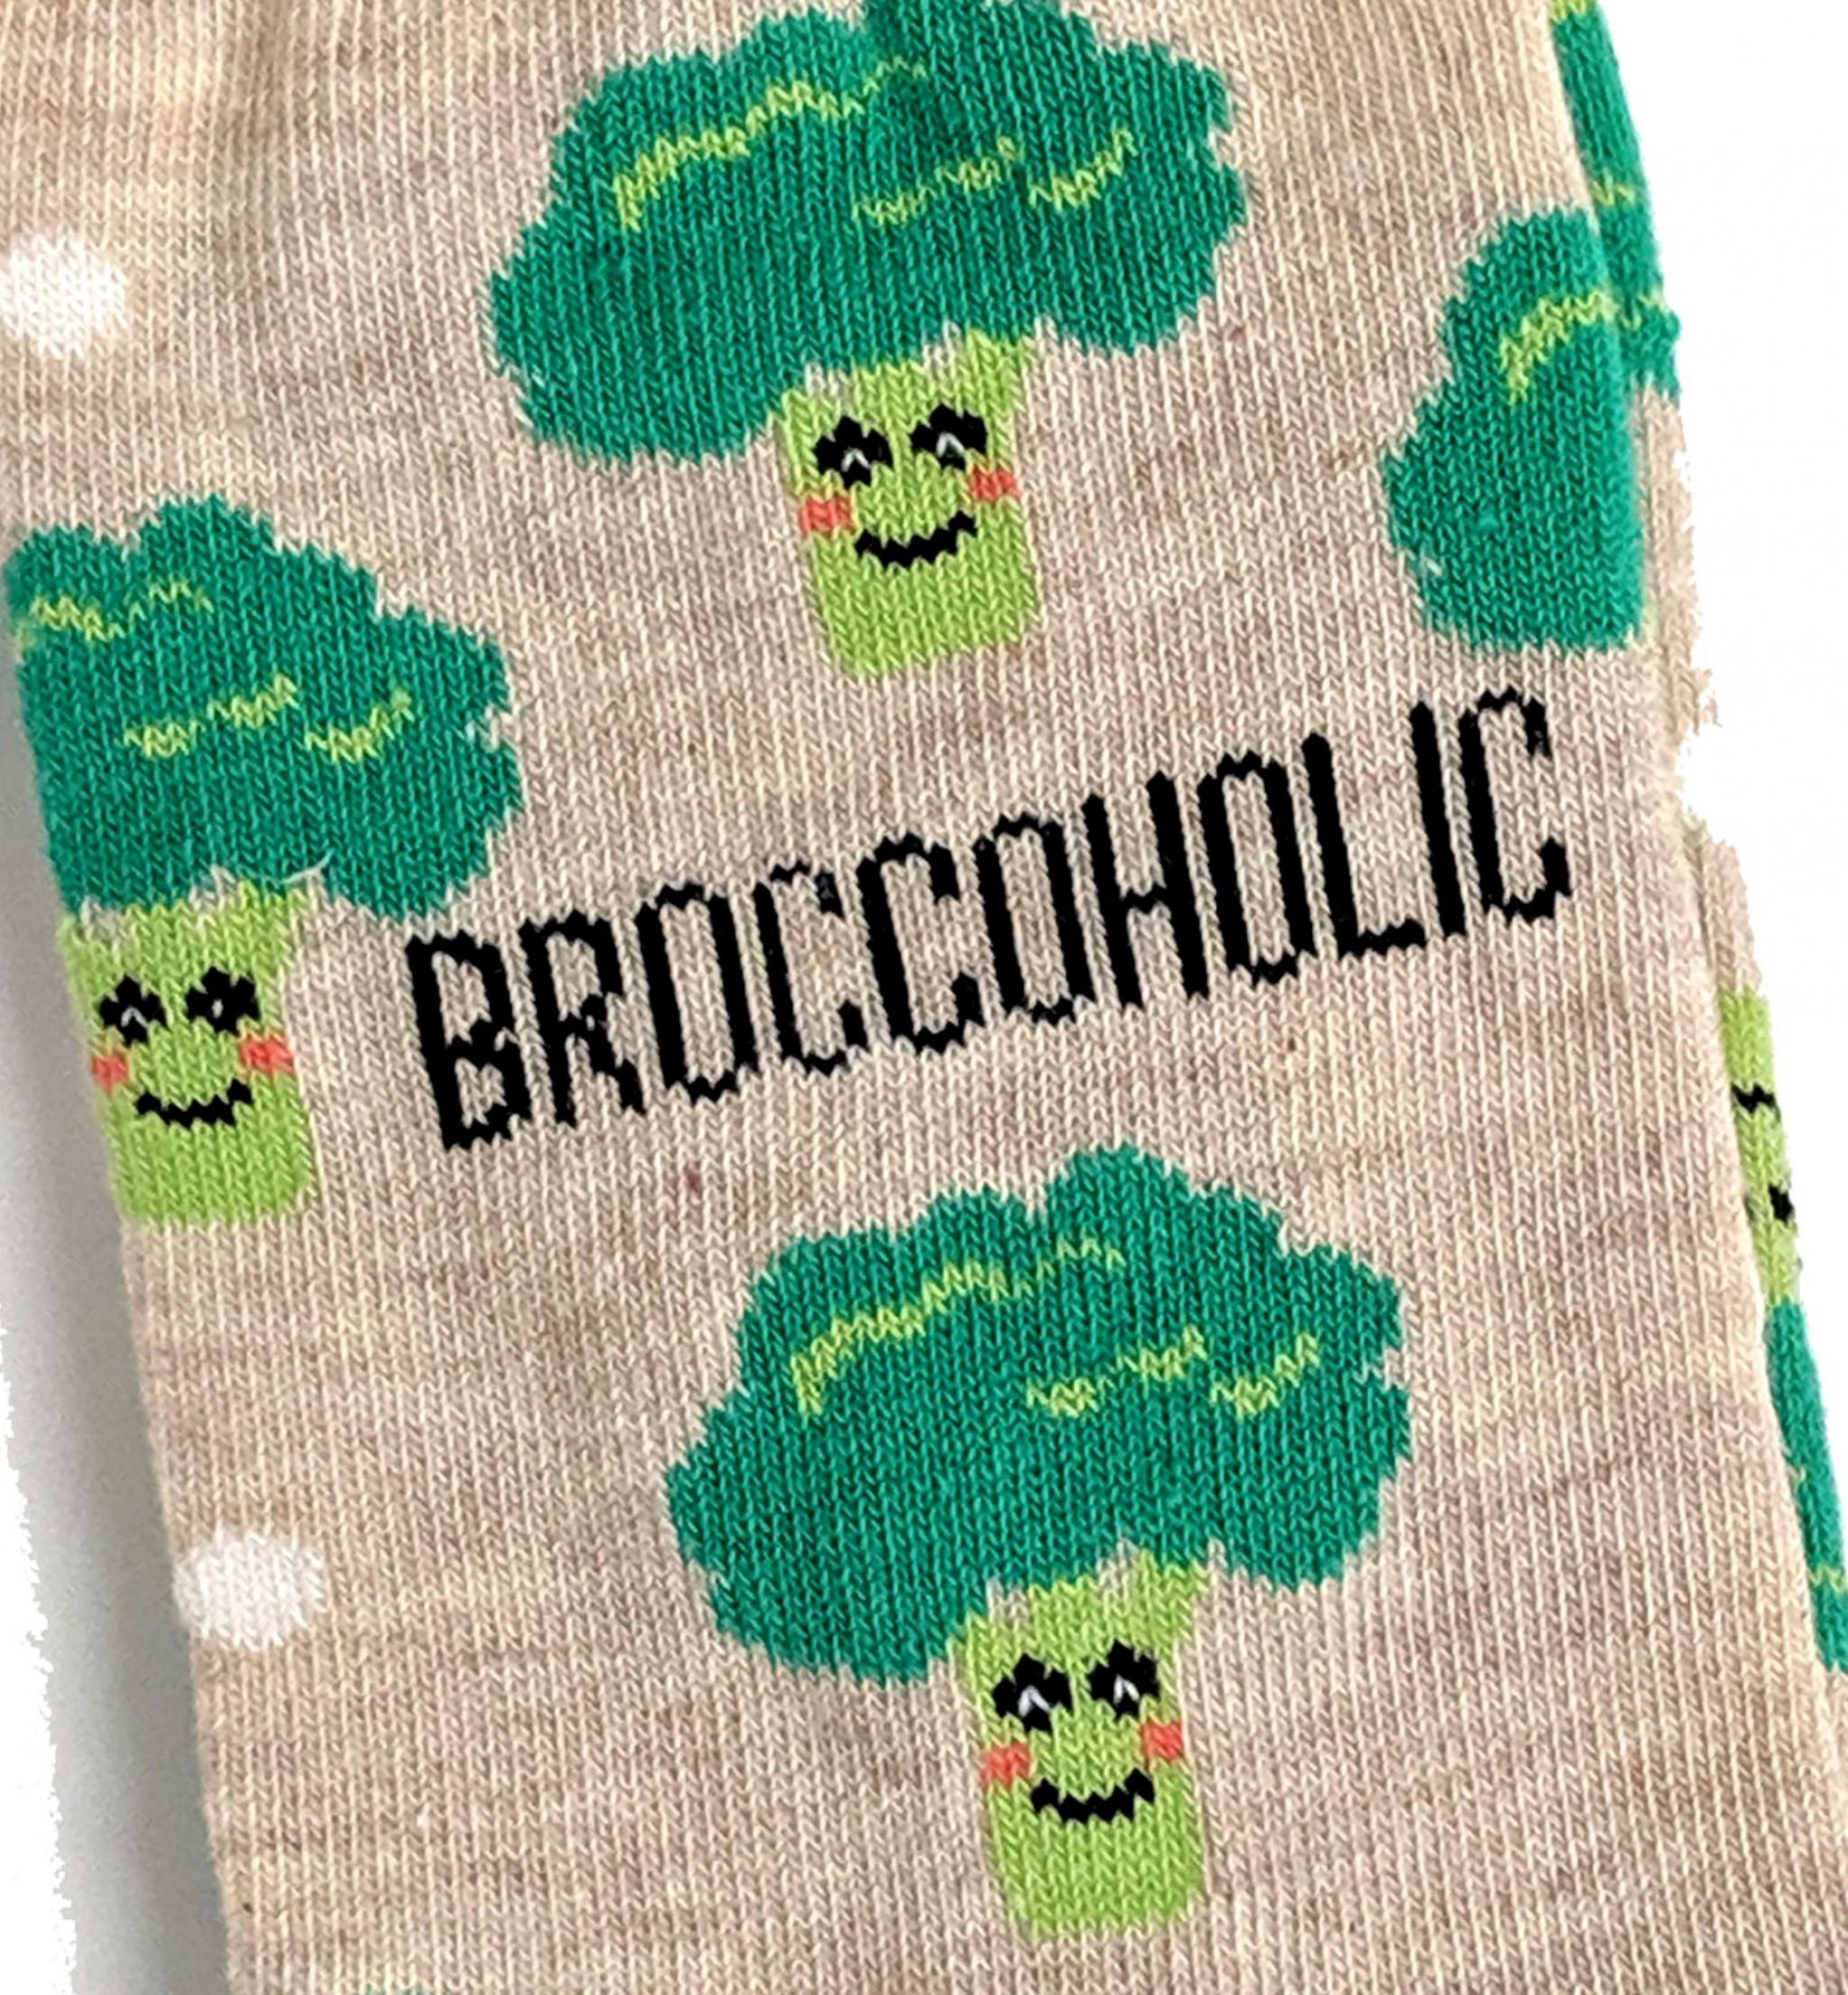 LADIES BROCCOHOLIC VEGETARIAN HEALTHY VEGETABLES SOCKS UK 4-8 EUR 37-42 US 6-10